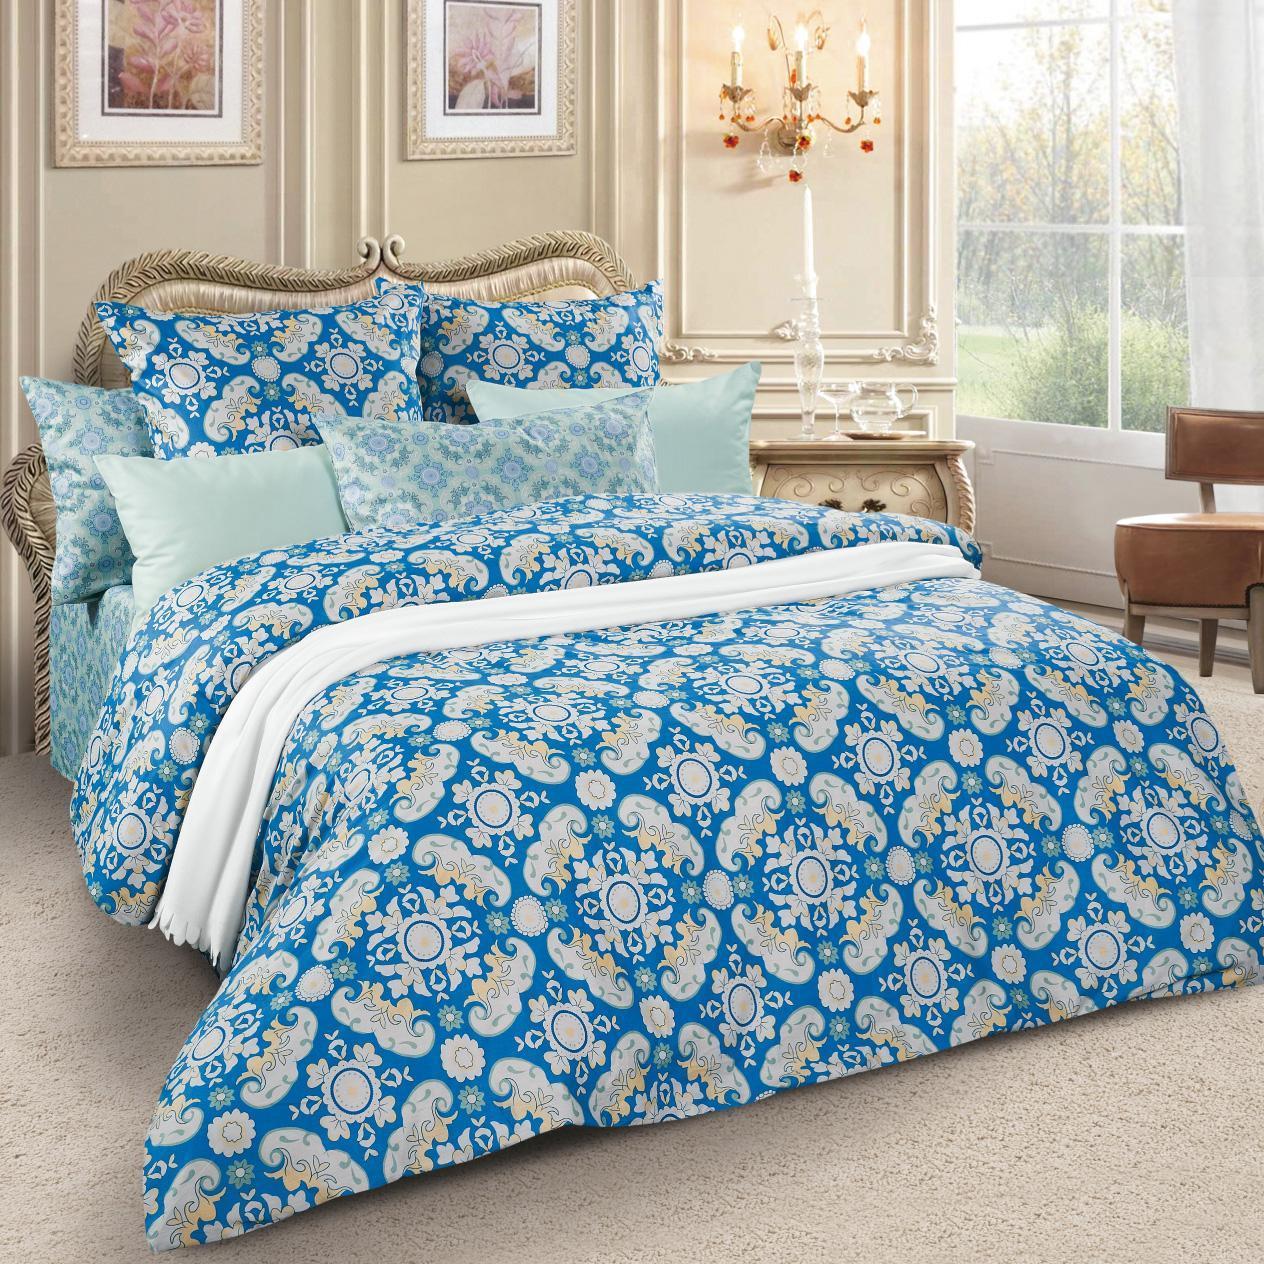 Комплект белья Letto, 1,5-спальный, наволочки 70х70, цвет: синий. sm59-3FD-59Спокойная классика в сатиновом исполнении - залог комфорта и гармонии цвета в вашей спальни. Дополните свою спальню актуальным принтом от европейских дизайнеров! Это отличный подарок любителям модных трендов в цвете и дизайне.Комплект выполнен из сатина, который заслужено считается благородной тканью для постельного белья. Сатину свойственна практичность, долговечность, мягкость и изысканный блеск, такая ткань прекрасно впитывает влагу во время сна, комфортна на ощупь и не требует особого ухода. Серия Letto Сатин – это современные дизайны в европейской стилистике, которые прекрасно дополнят Вашу спальню. Обращаем внимание, что наволочки могут отличаться от представленных на фотографии. Также может отличаться и оттенок комплекта из-за разницы в цветопередаче мониторов.